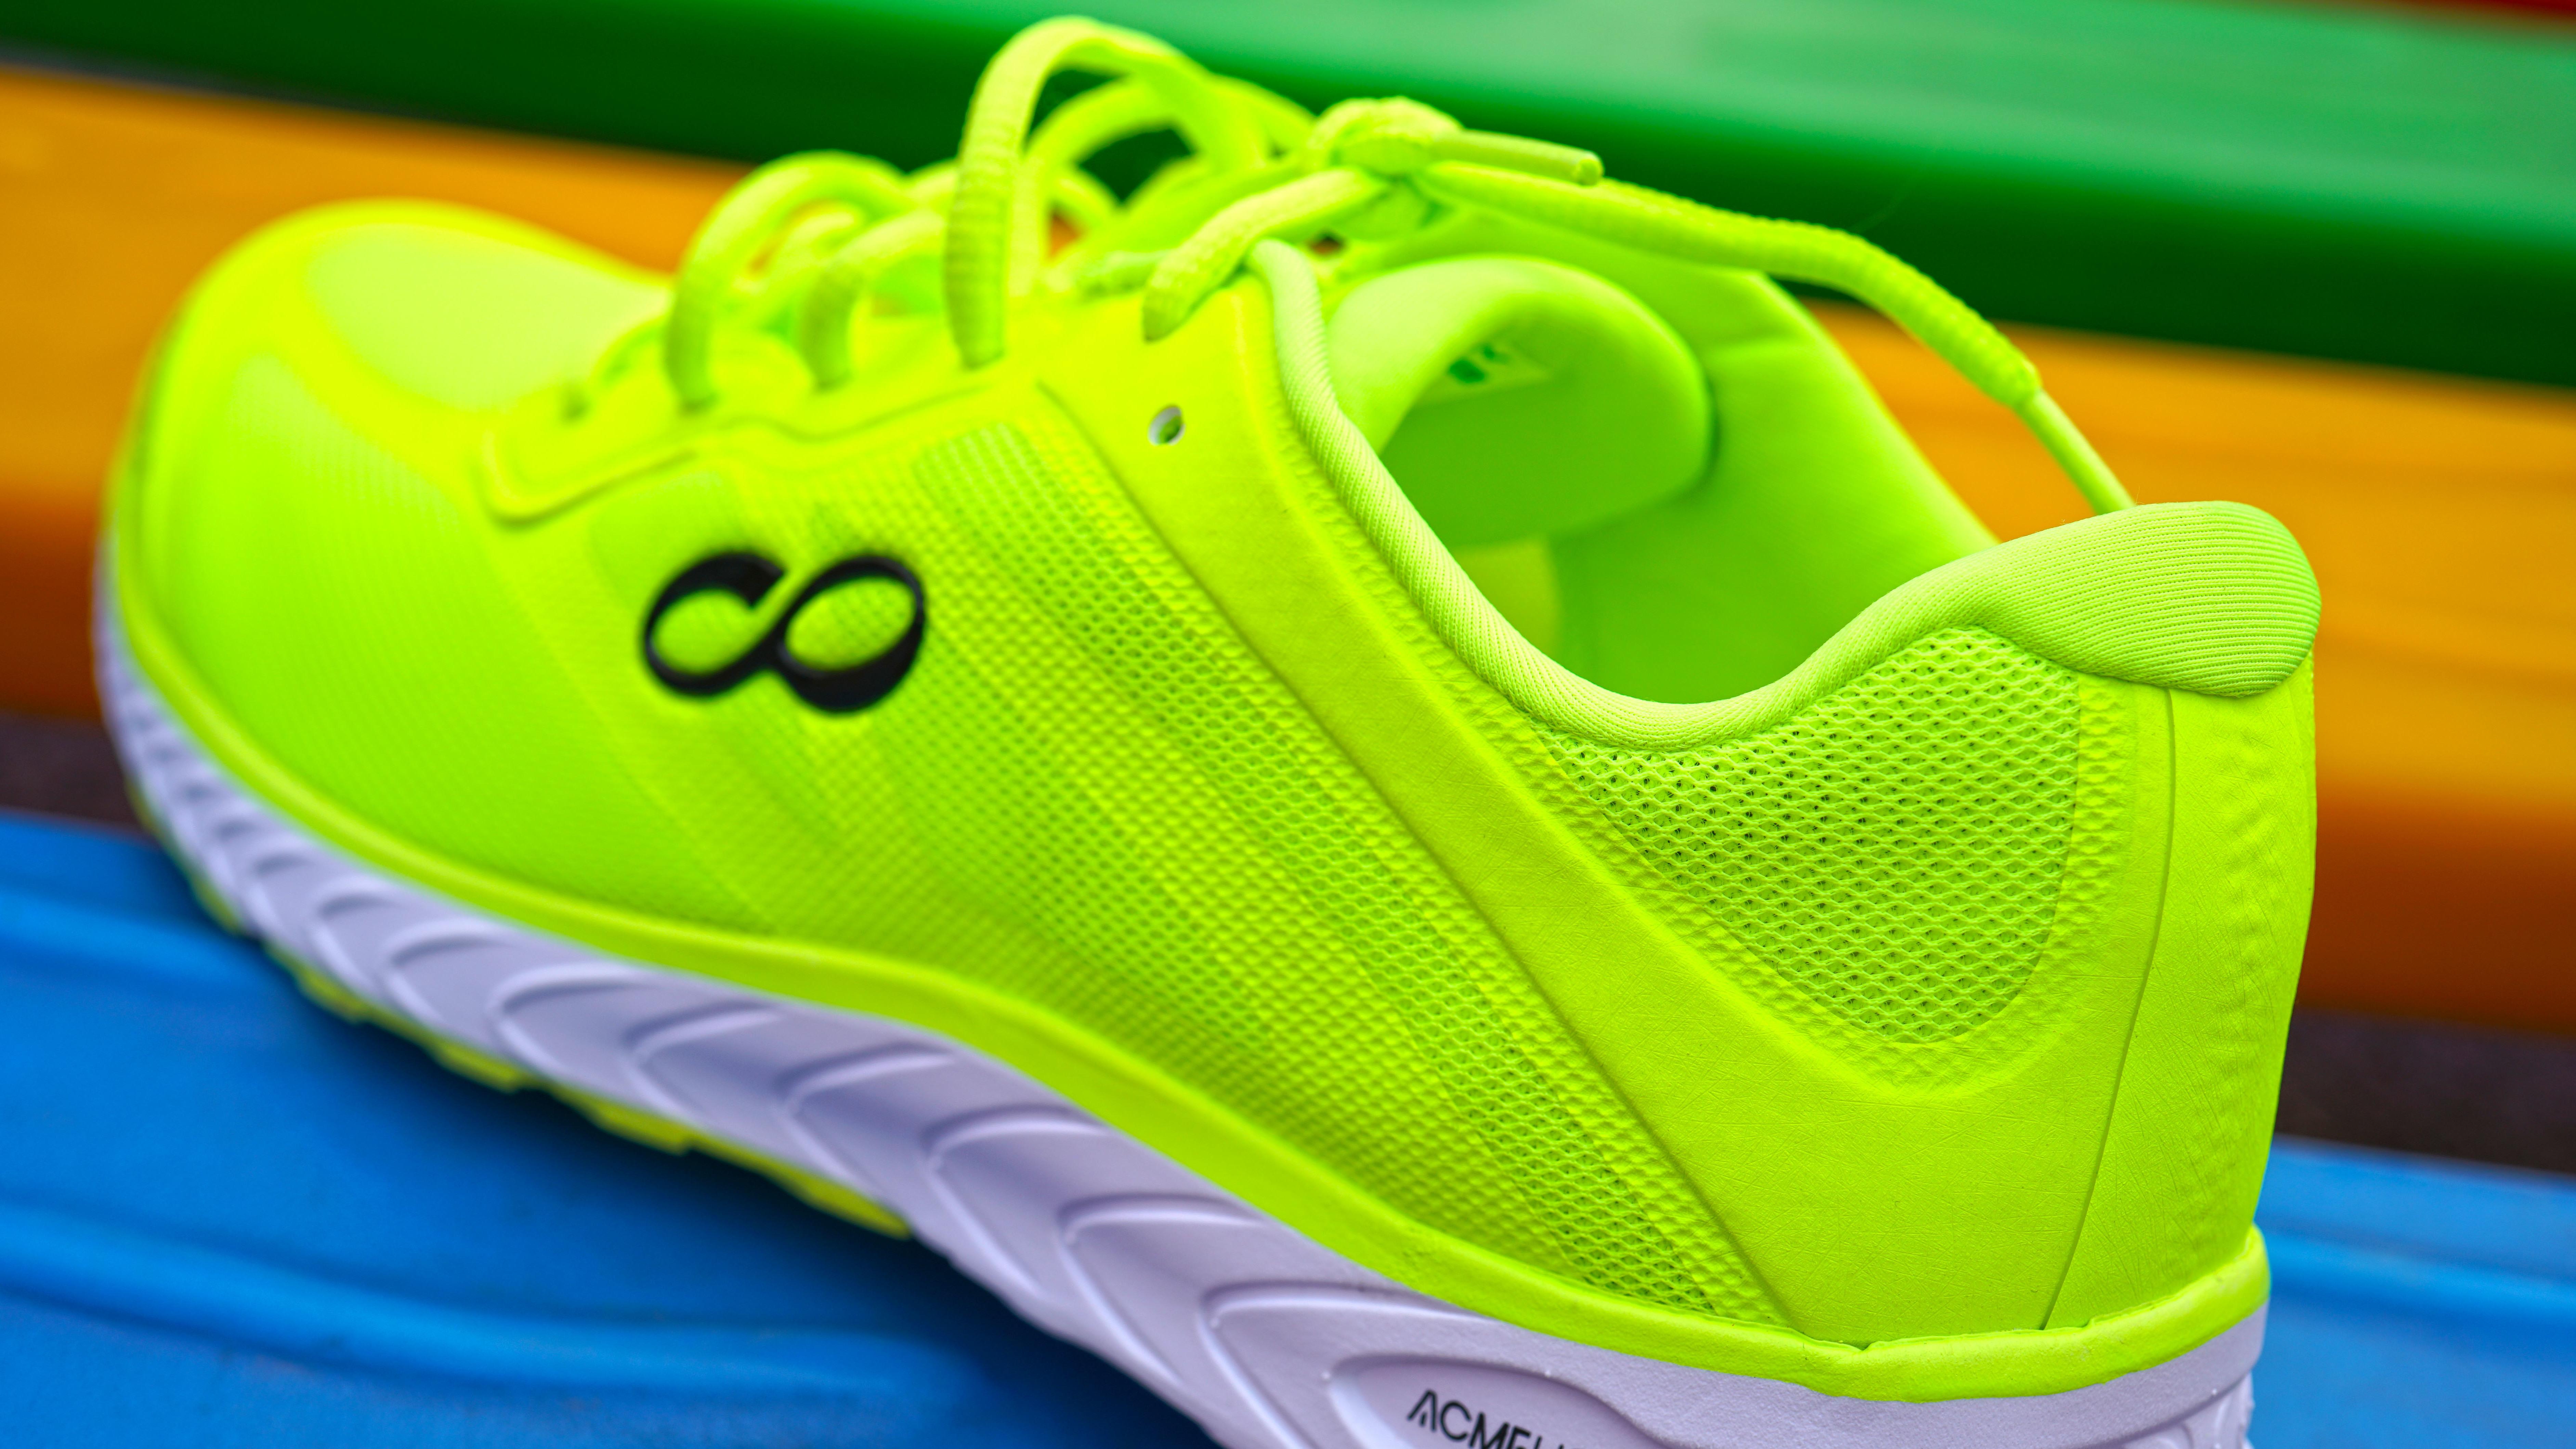 咕咚智能跑鞋42k,首款全马跑鞋之选